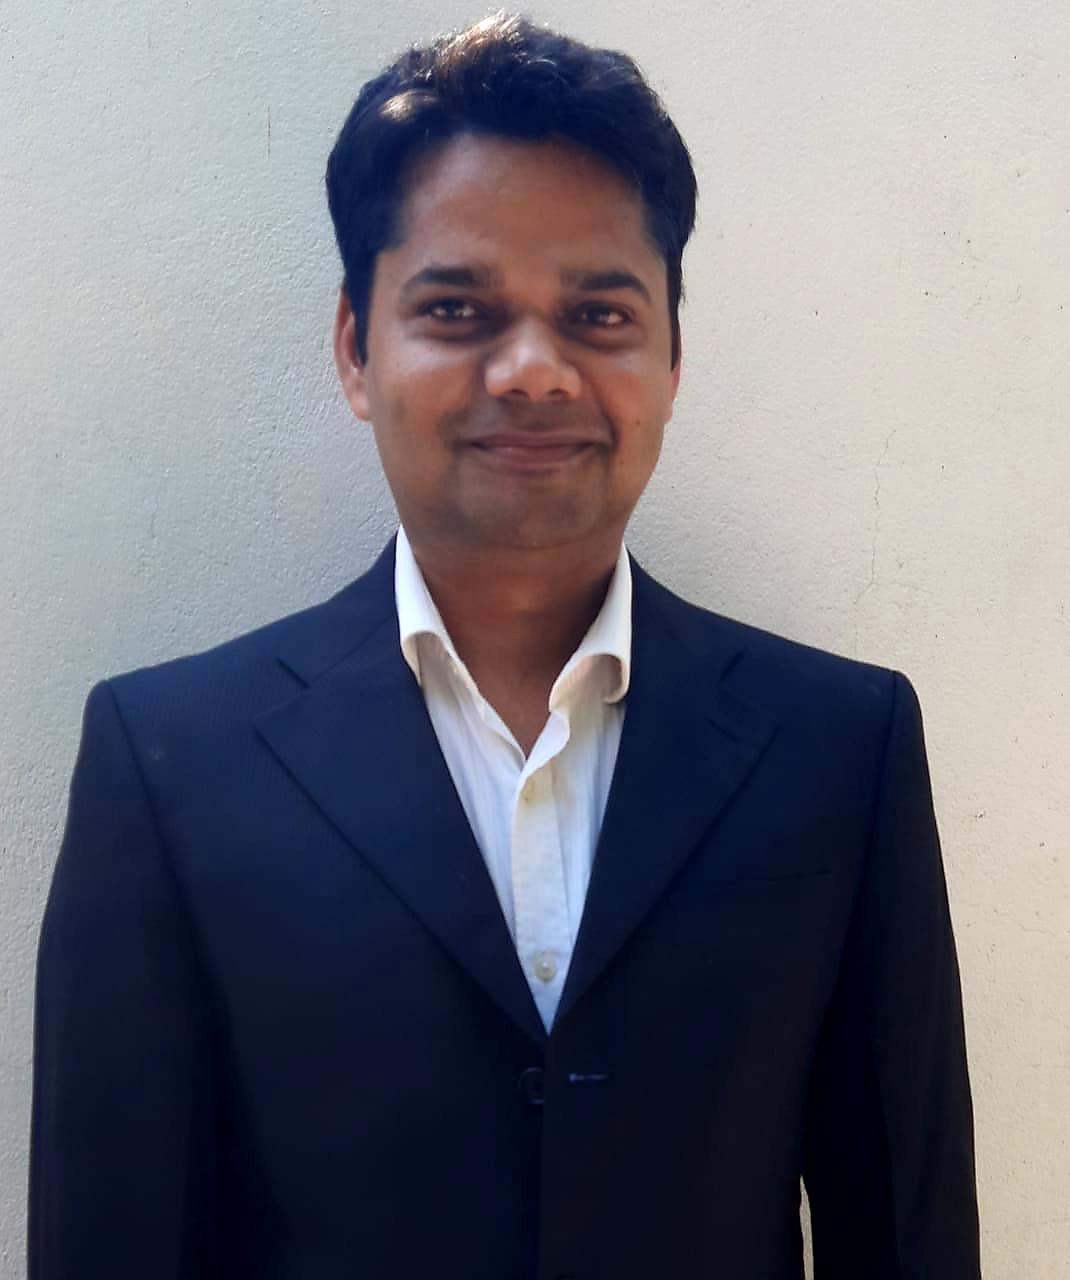 https: img.okezone.com content 2021 05 20 320 2412683 fokus-besarkan-digital-mnc-group-rekrut-abhishek-tiwari-bangun-kantor-pusat-ai-di-india-lUPhYn0pQr.jpg